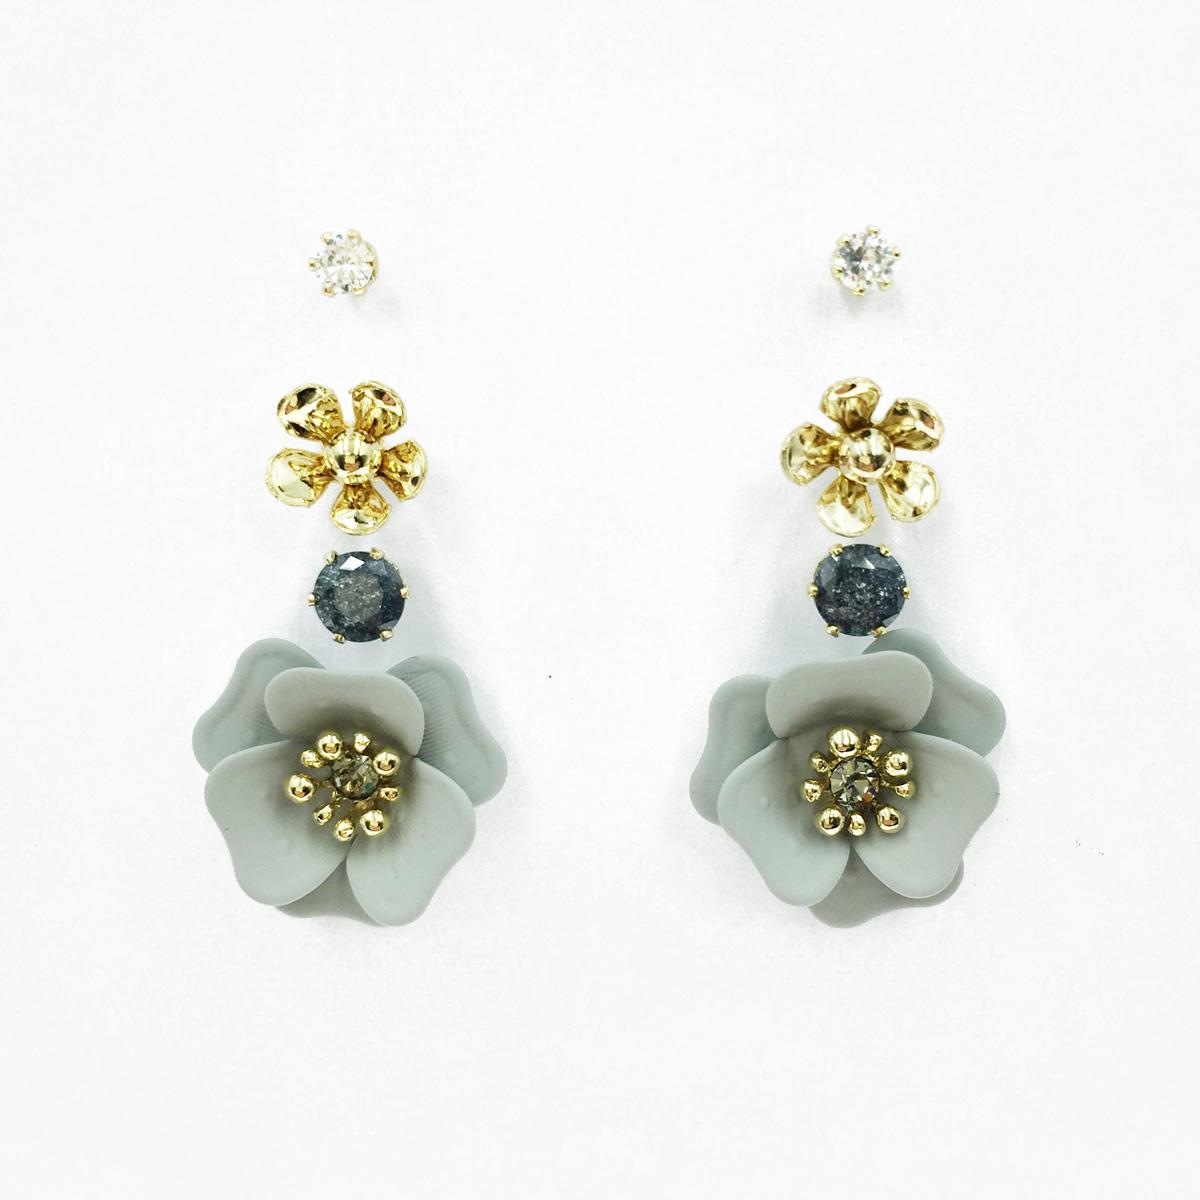 韓國 花朵 小金珠 爪鑽 水鑽 多入組 耳針式耳環